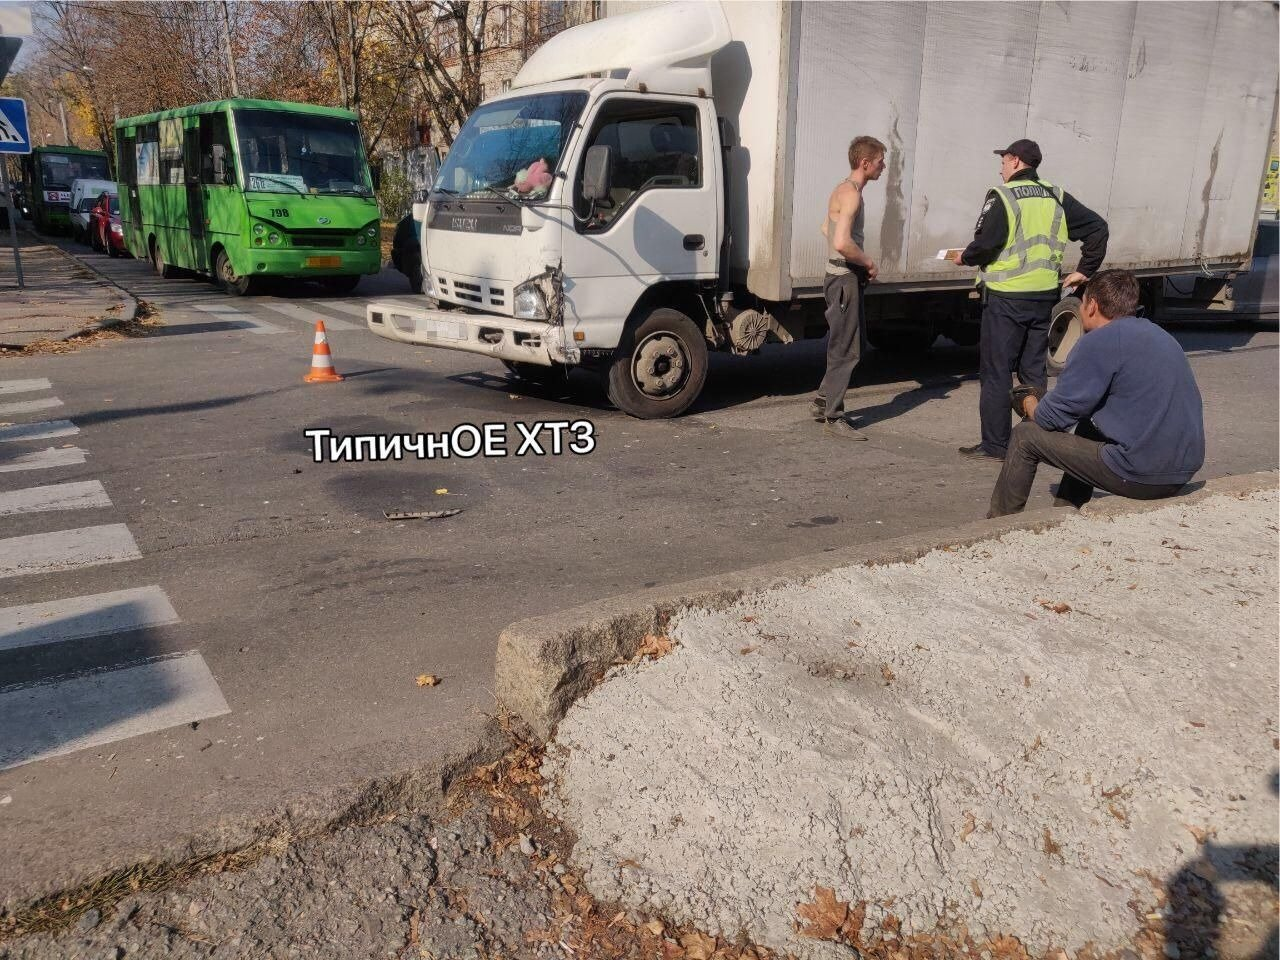 На перекрестке в Харькове легковой автомобиль въехал в грузовик, - ФОТО, фото-4